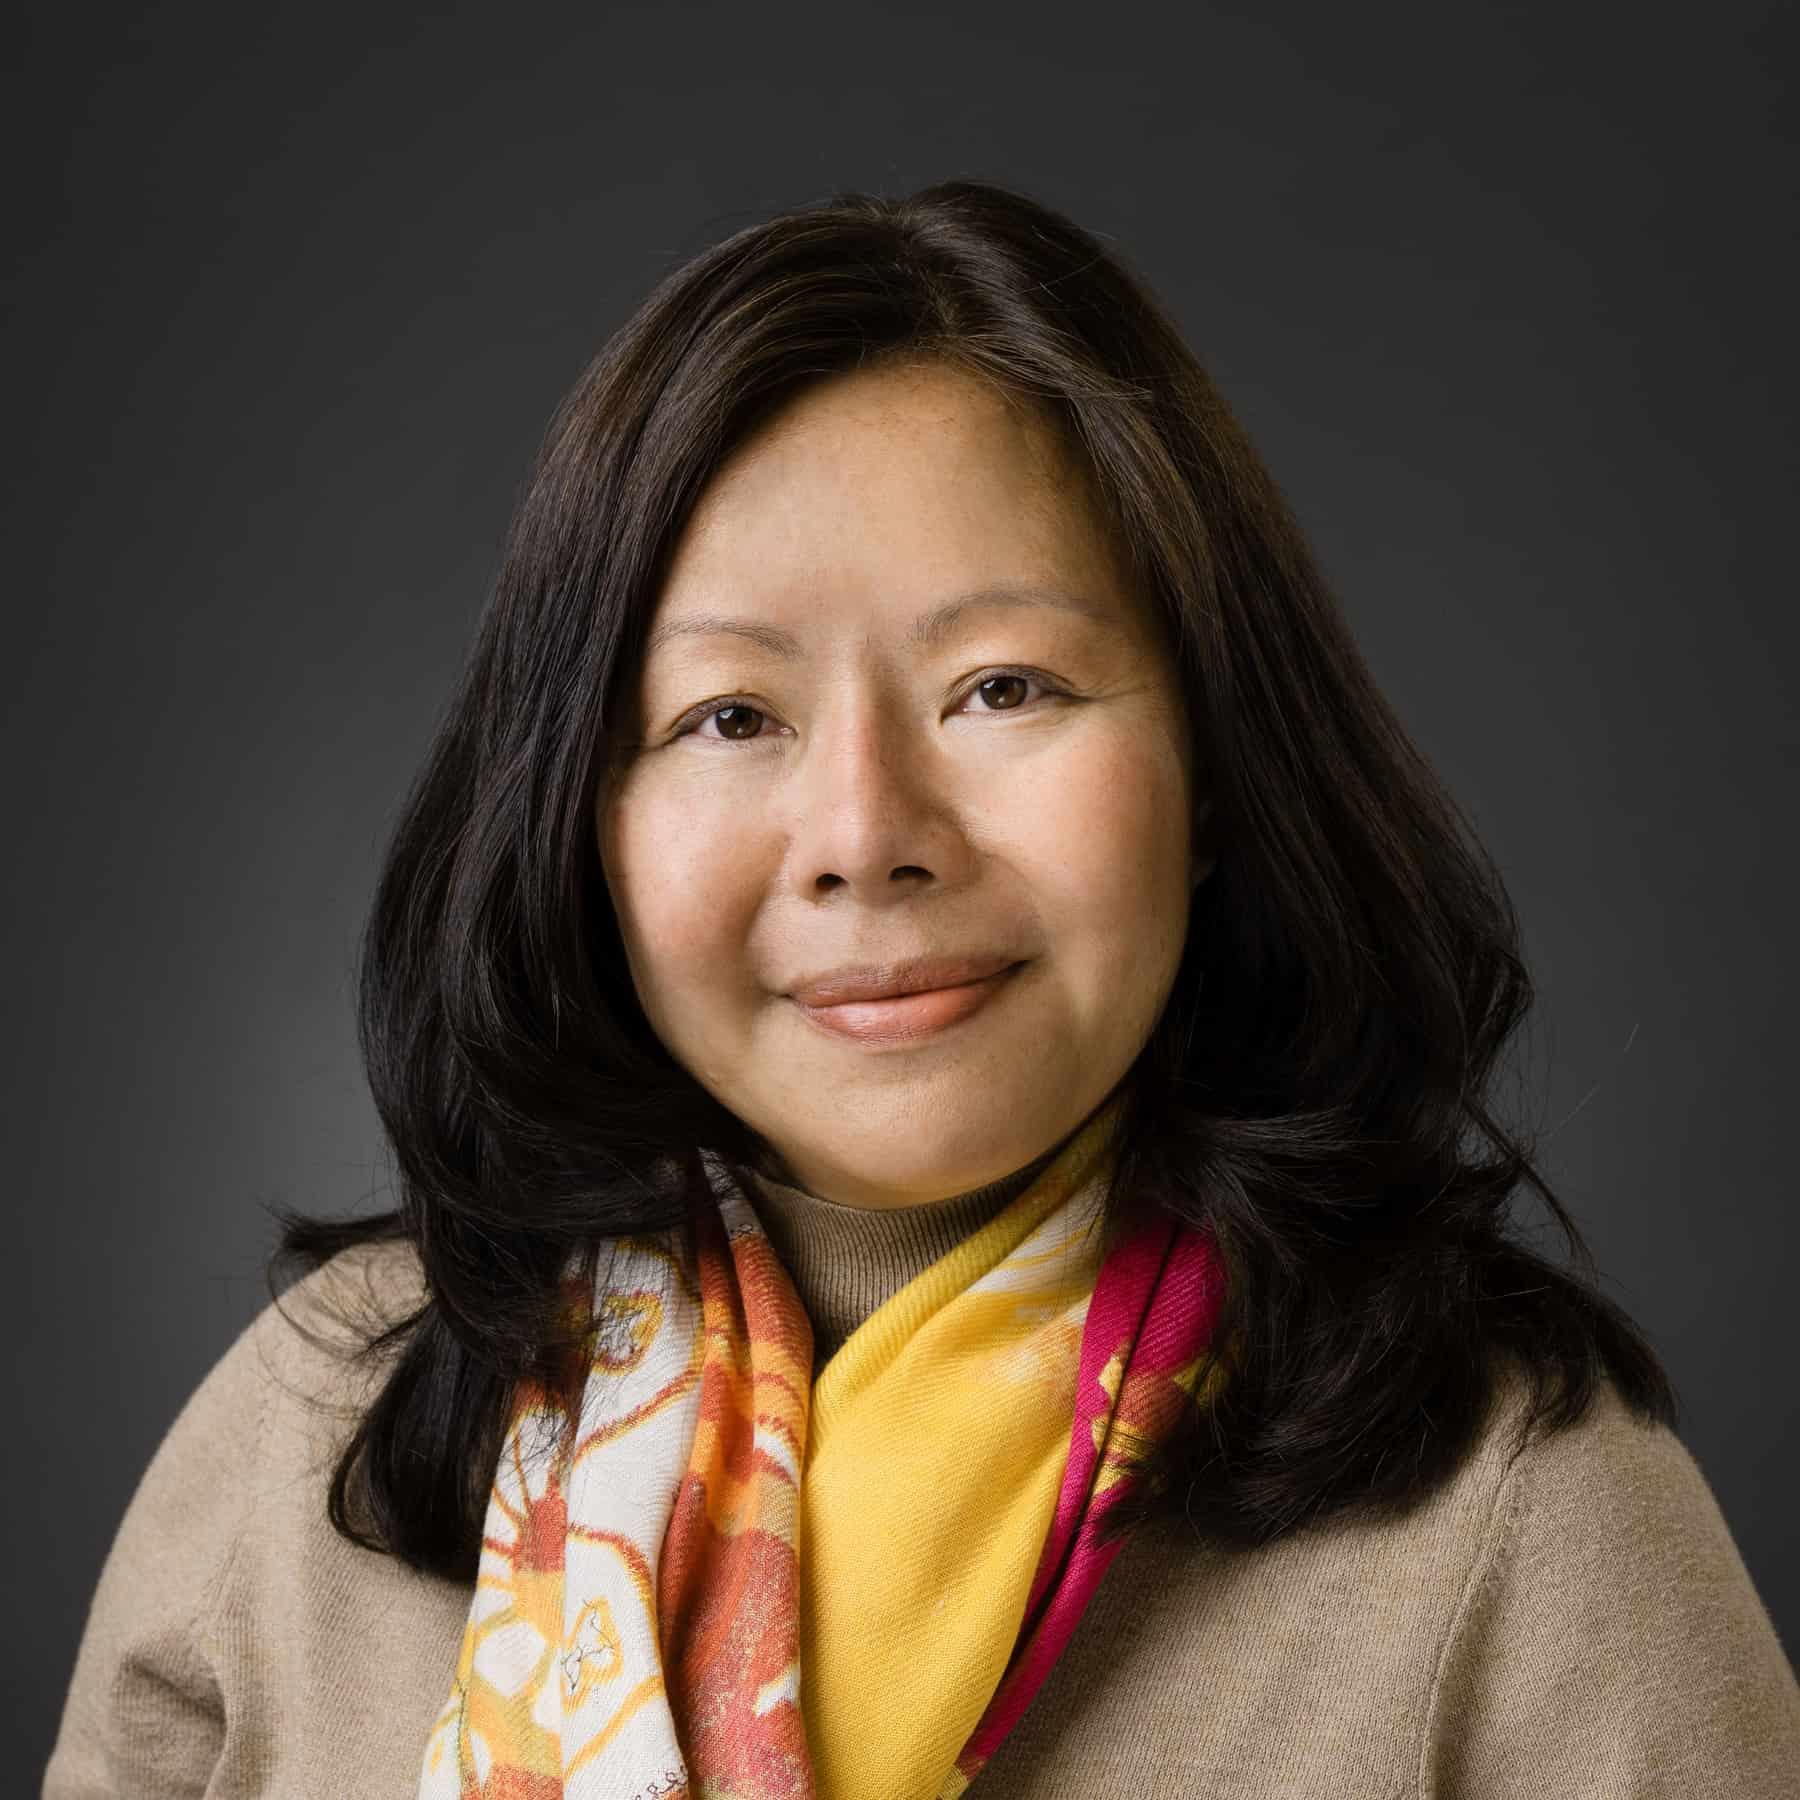 Ashleigh Nguyen